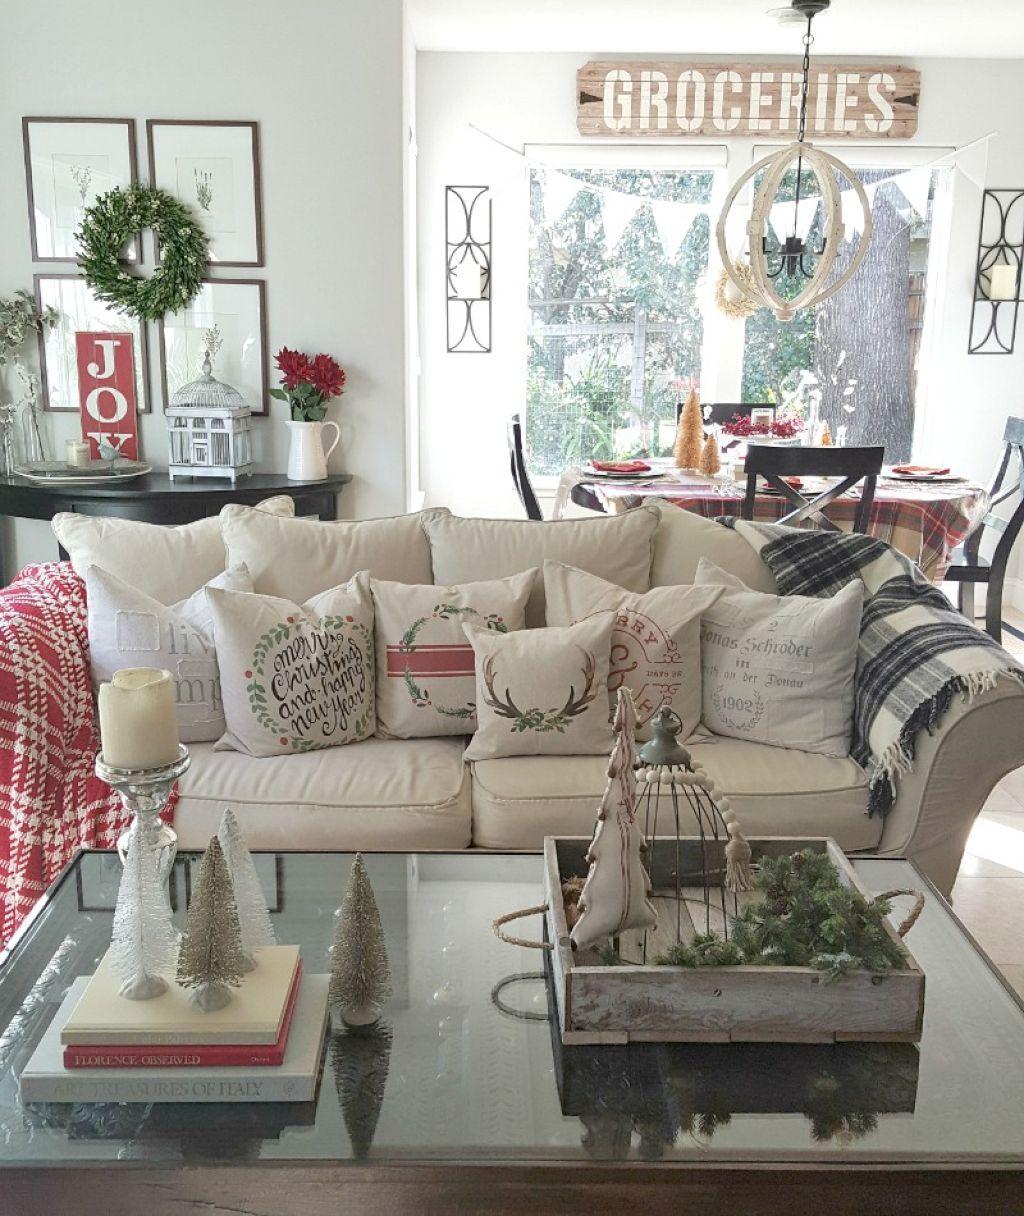 Cool 60 Cute Farmhouse Christmas Decor Ideas https://bellezaroom.com/2017/11/03/60-cute-farmhouse-christmas-decor-ideas/